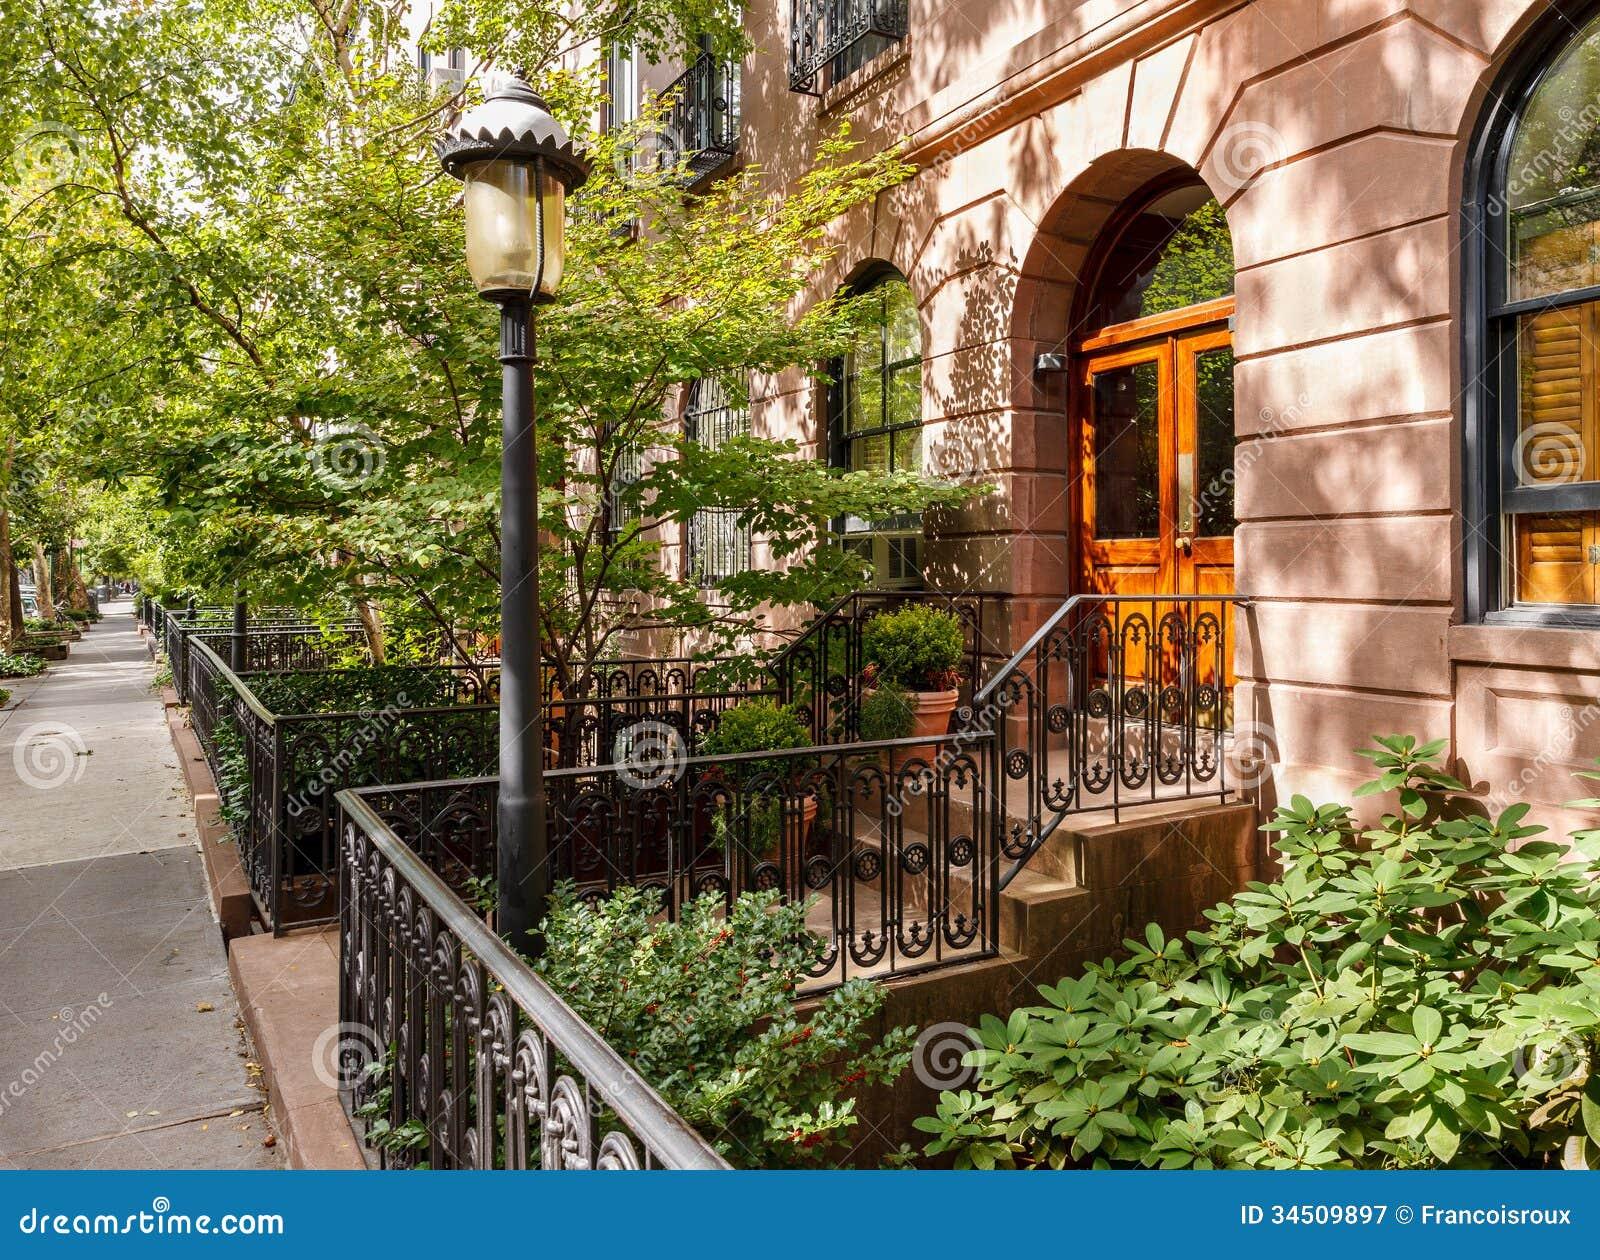 Chelsea rbol llen la calle y sus casas urbanas y jardines manhattan nueva york imagen de - Casas en nueva york ...